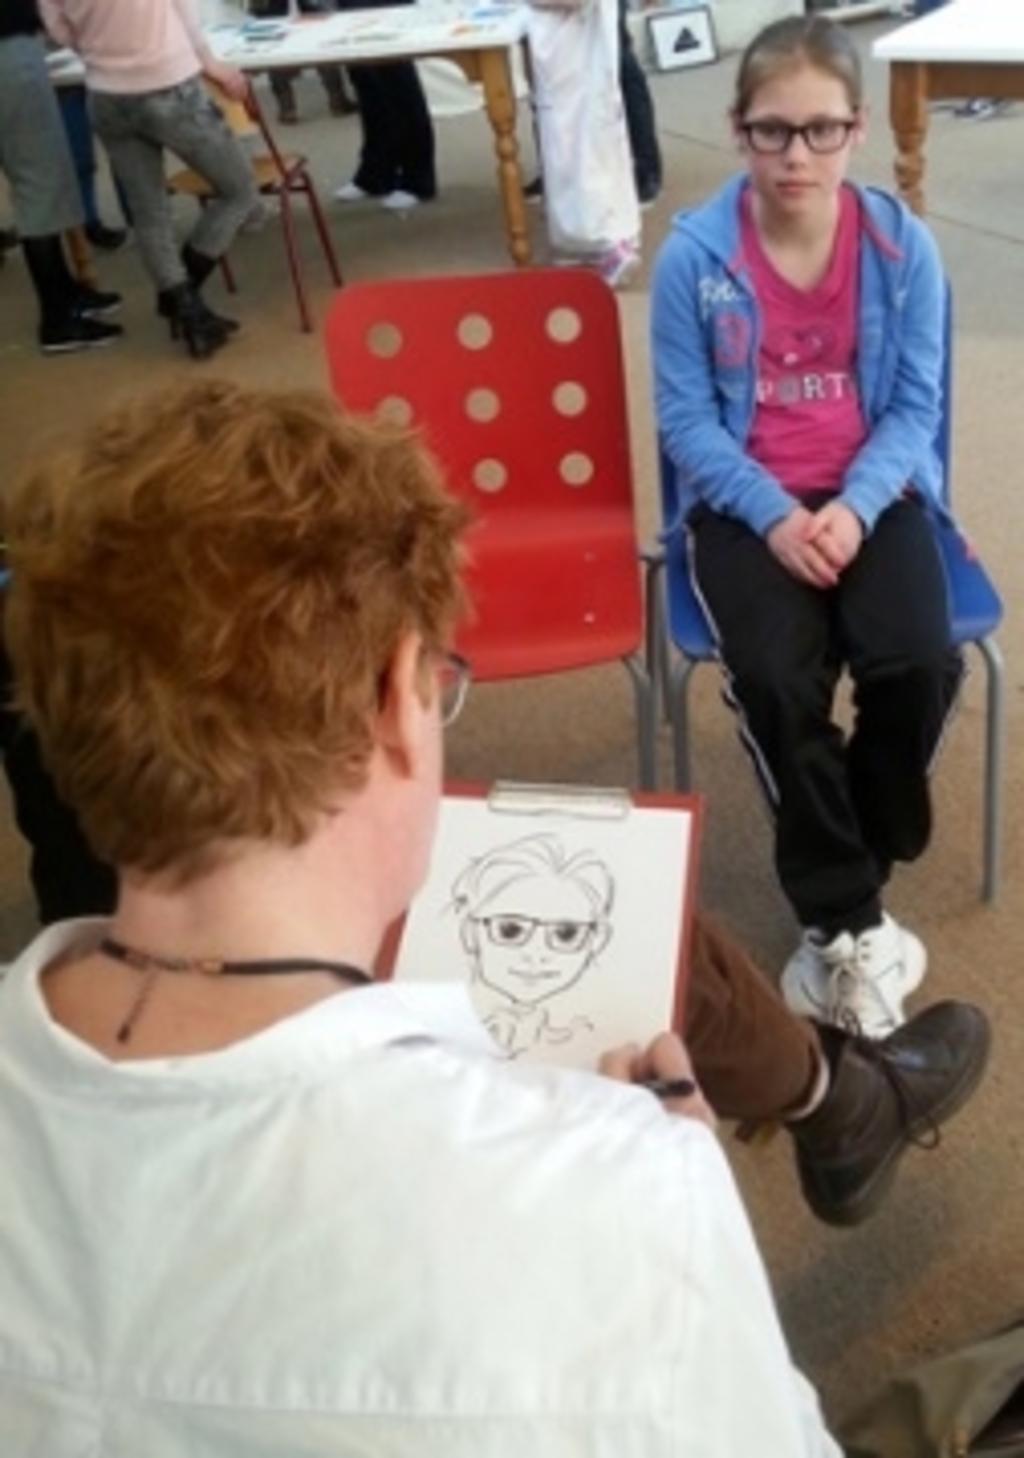 """<p pstyle=""""PLAT"""">Irene Mulder komt langs om een striptekencursus te geven. ((Foto: aangeleverd)) © rodi"""